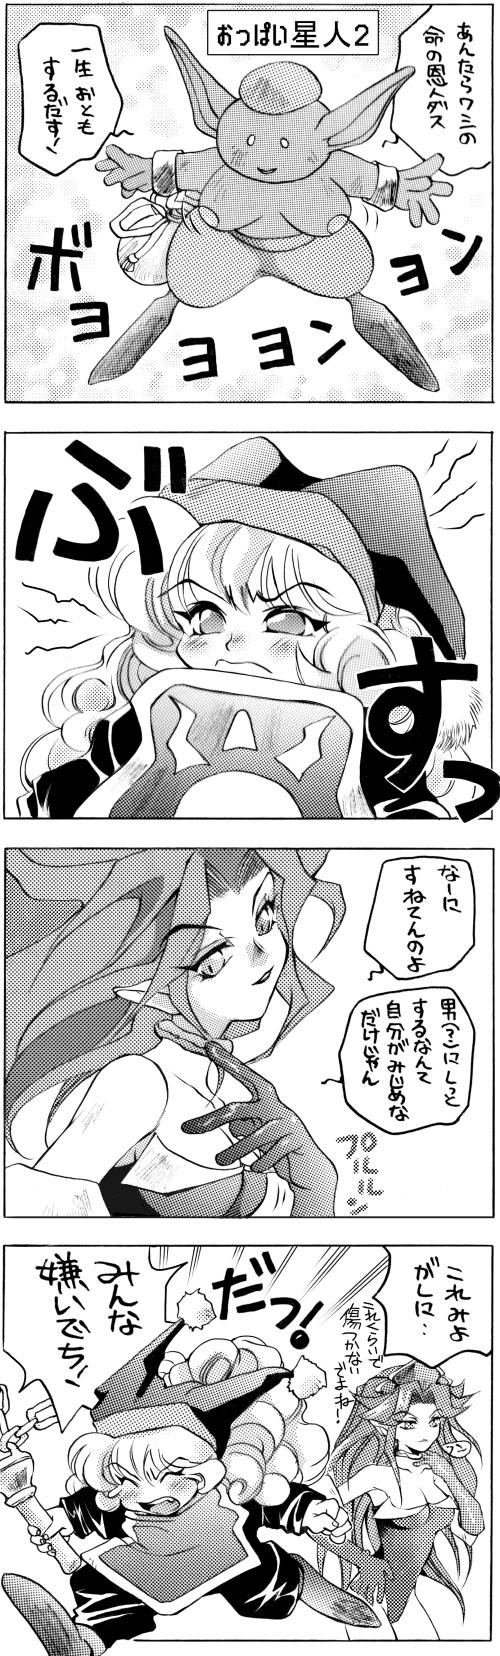 聖剣伝説3記事中漫画3